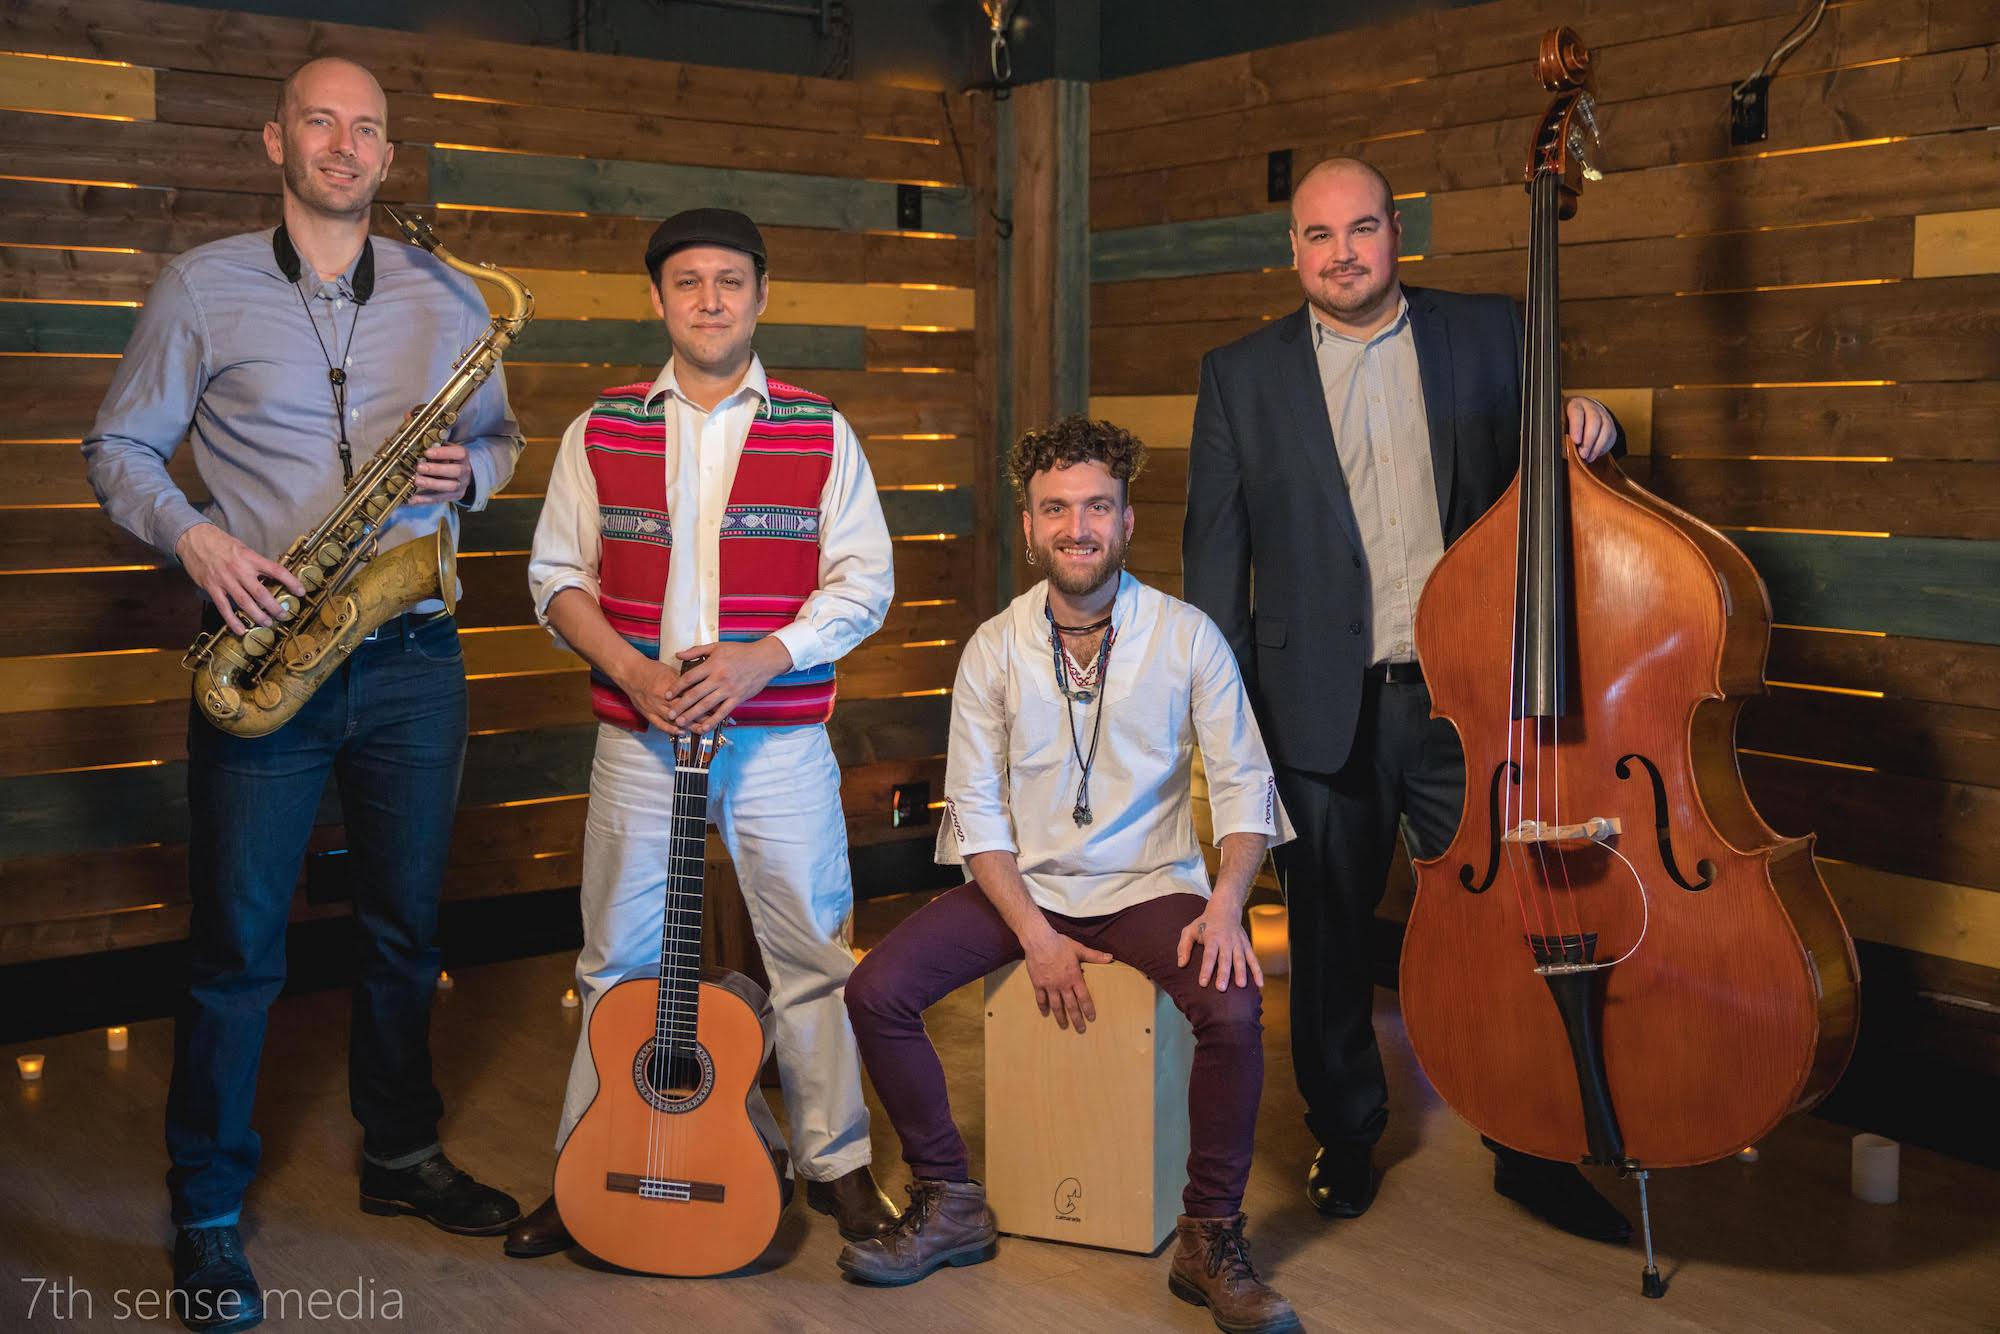 Golpe Tierra son, de izquierda a derecha: Tony Barba, Richard Hildner, Juan Tomás Martínez, and Nick Moran. Foto por Paddy Cassidy.